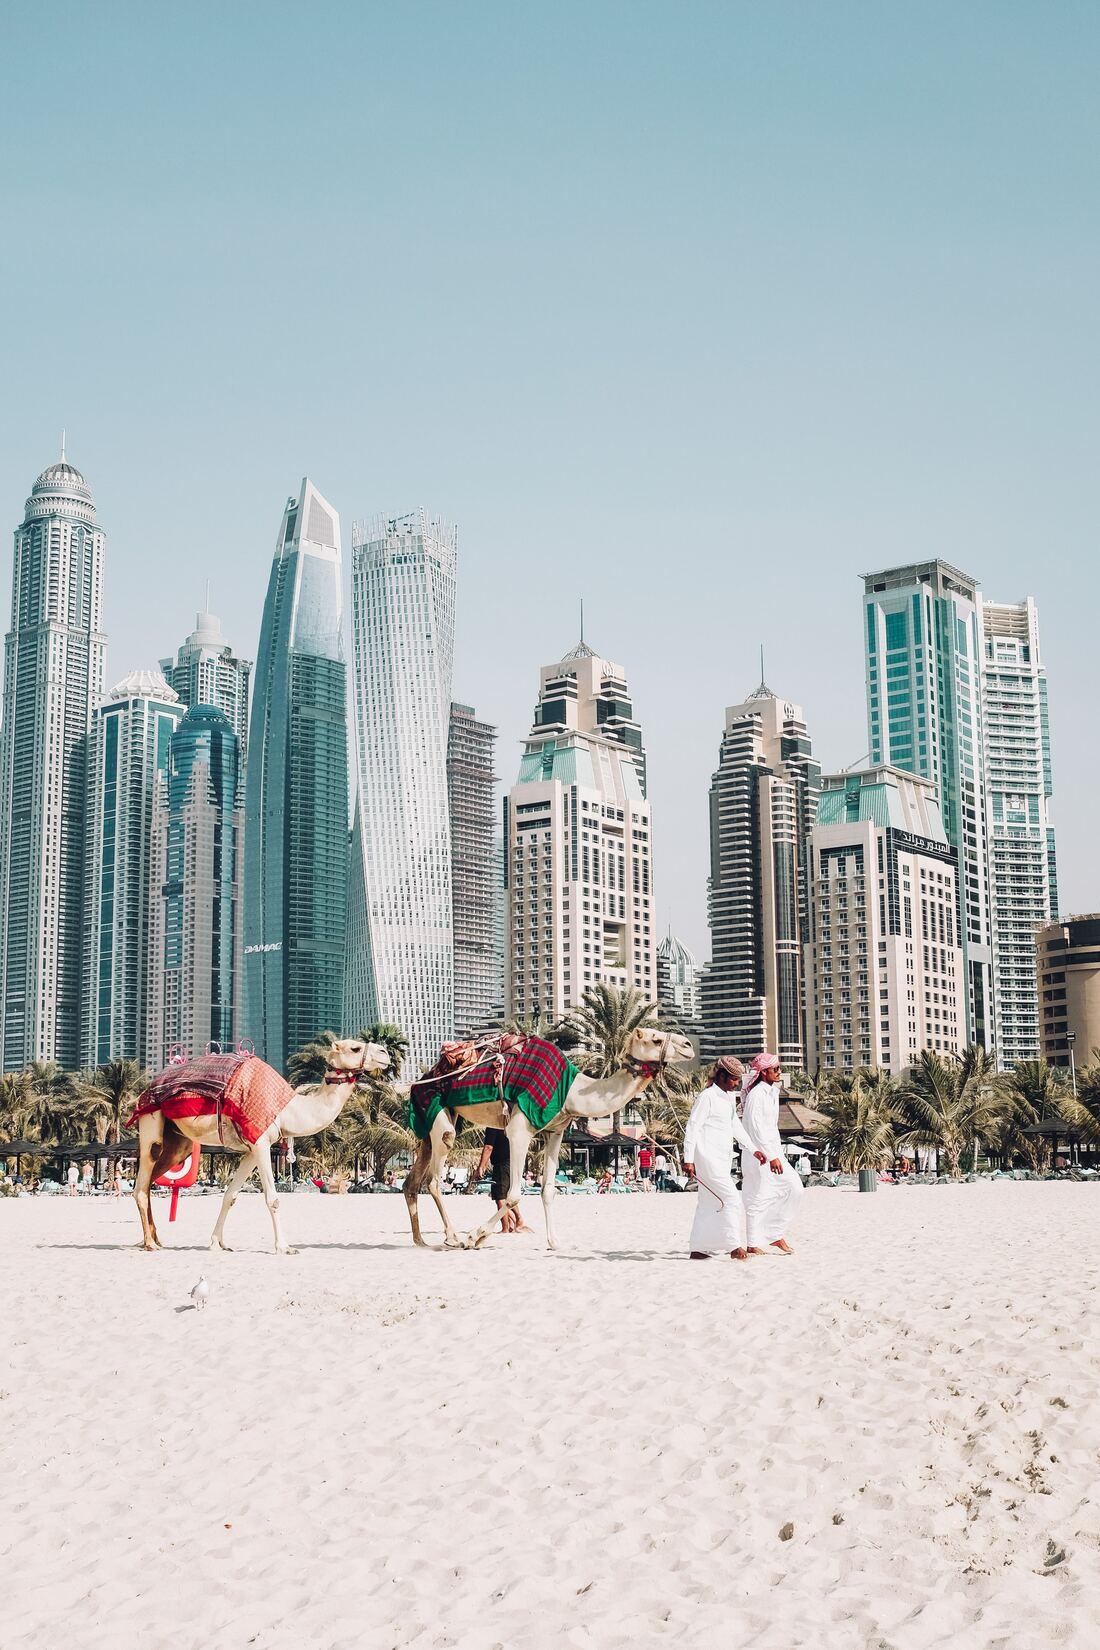 Du khách đến Dubai phải mua bảo hiểm y tế đầy đủ và cần ký vào tờ khai về việc chịu mọi chi phí nếu mắc bệnh tại đây. Ảnh: Fredrik Ohlander/Unsplash